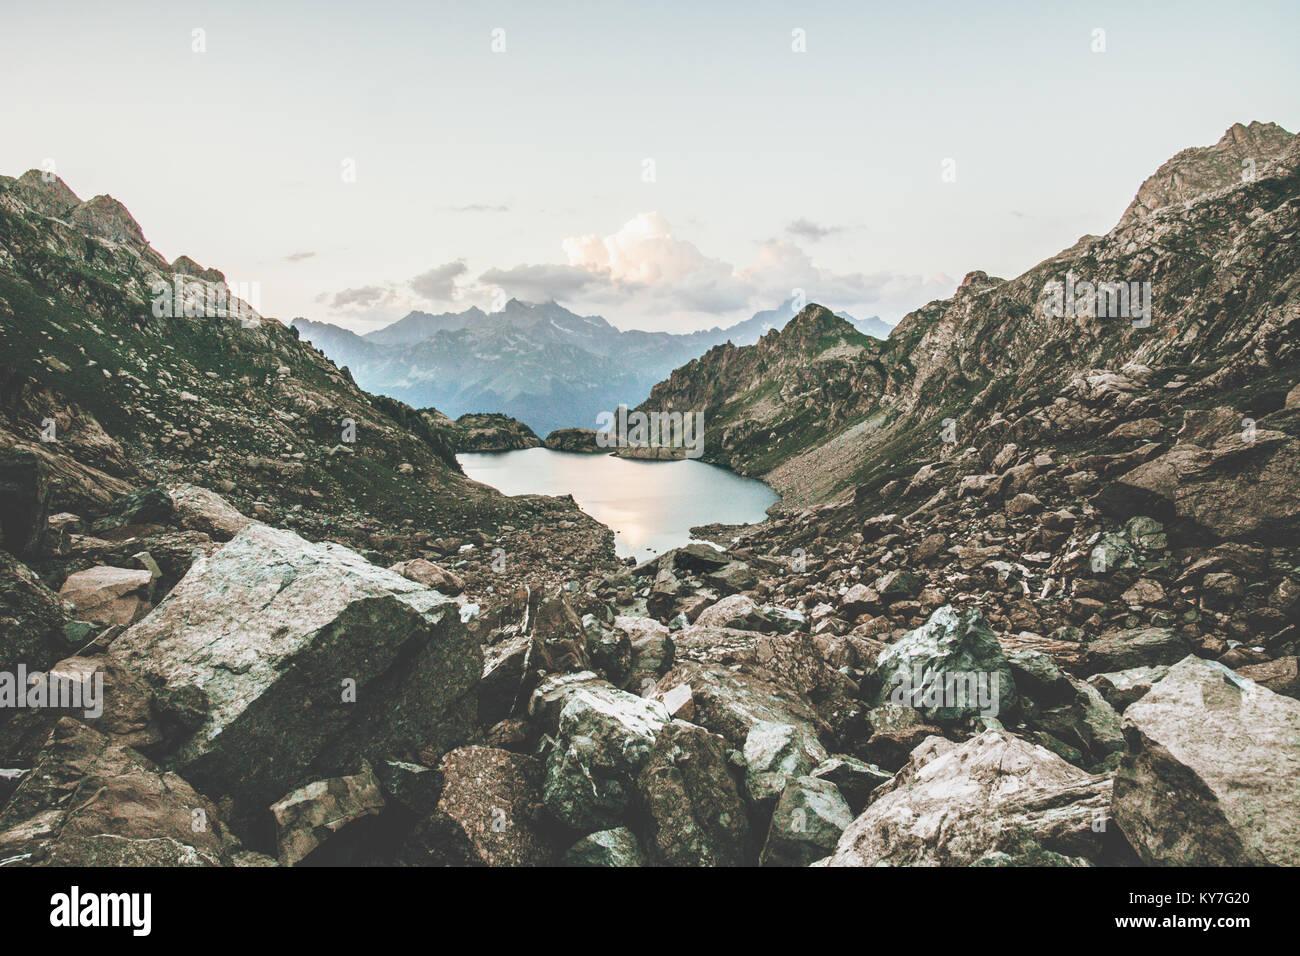 Lac et montagnes rocheuses été Voyage paysage pittoresque scène de l'atmosphère sereine Photo Stock